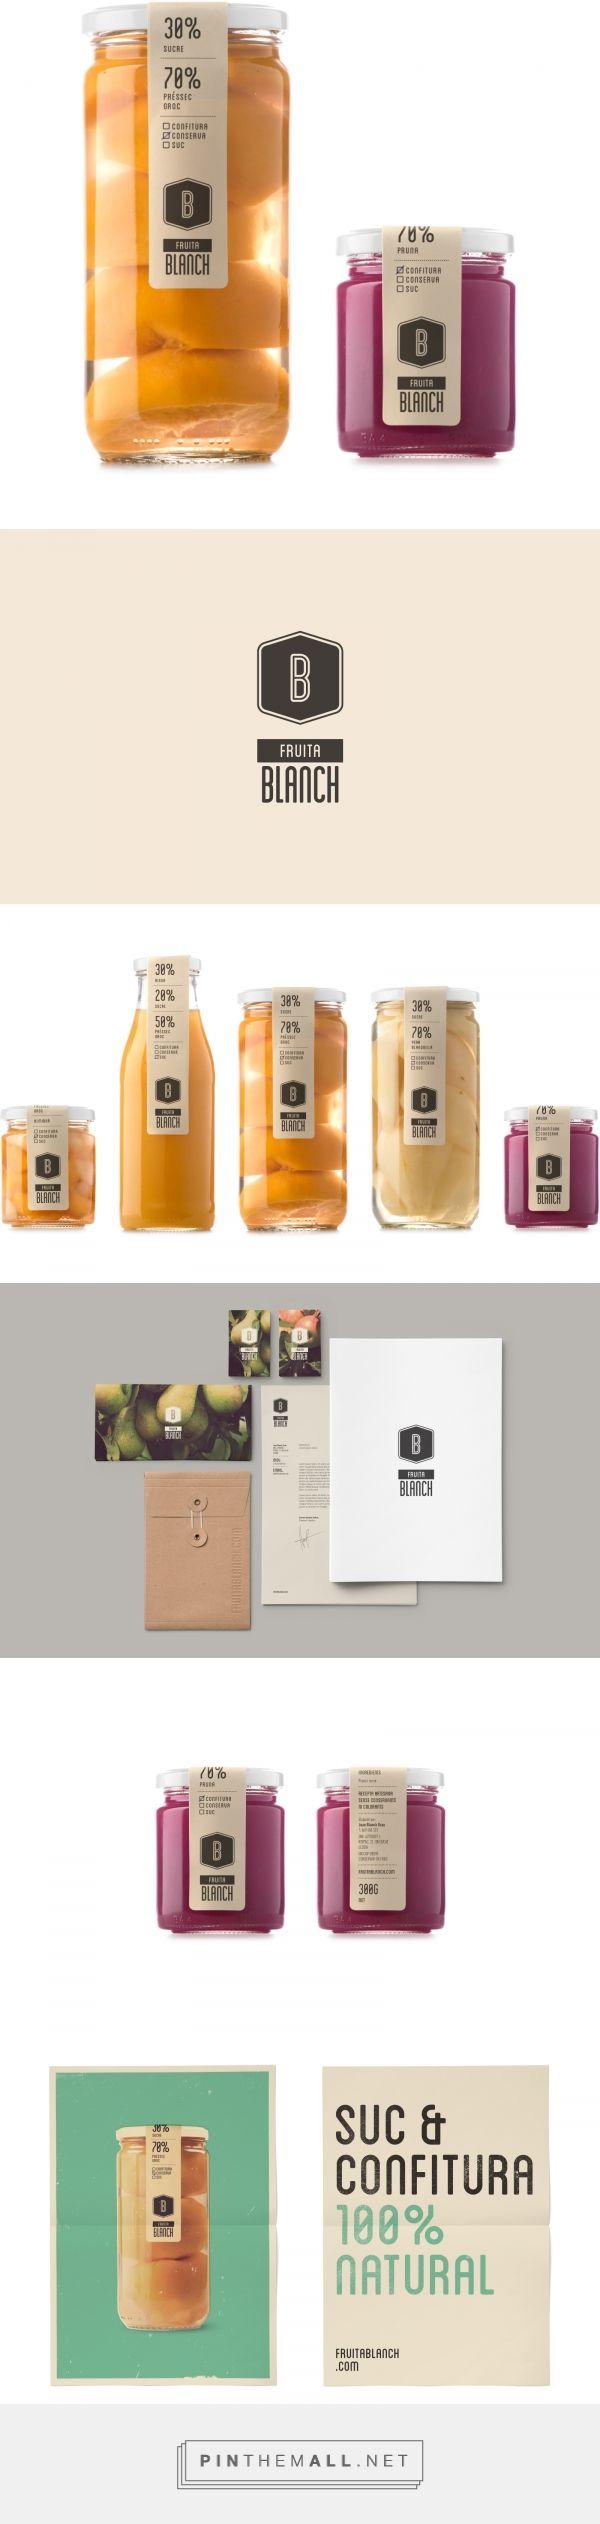 Fruita Blanch packaging by Atipus | Diseño gráfico curated by Packaging Diva PD. La nueva línea de productos Fruita Blanch quiere dar salida comercial a las conservas caseras que elabora la familia Blanch. Con fruta y productos de cosecha propia, 100% naturales.